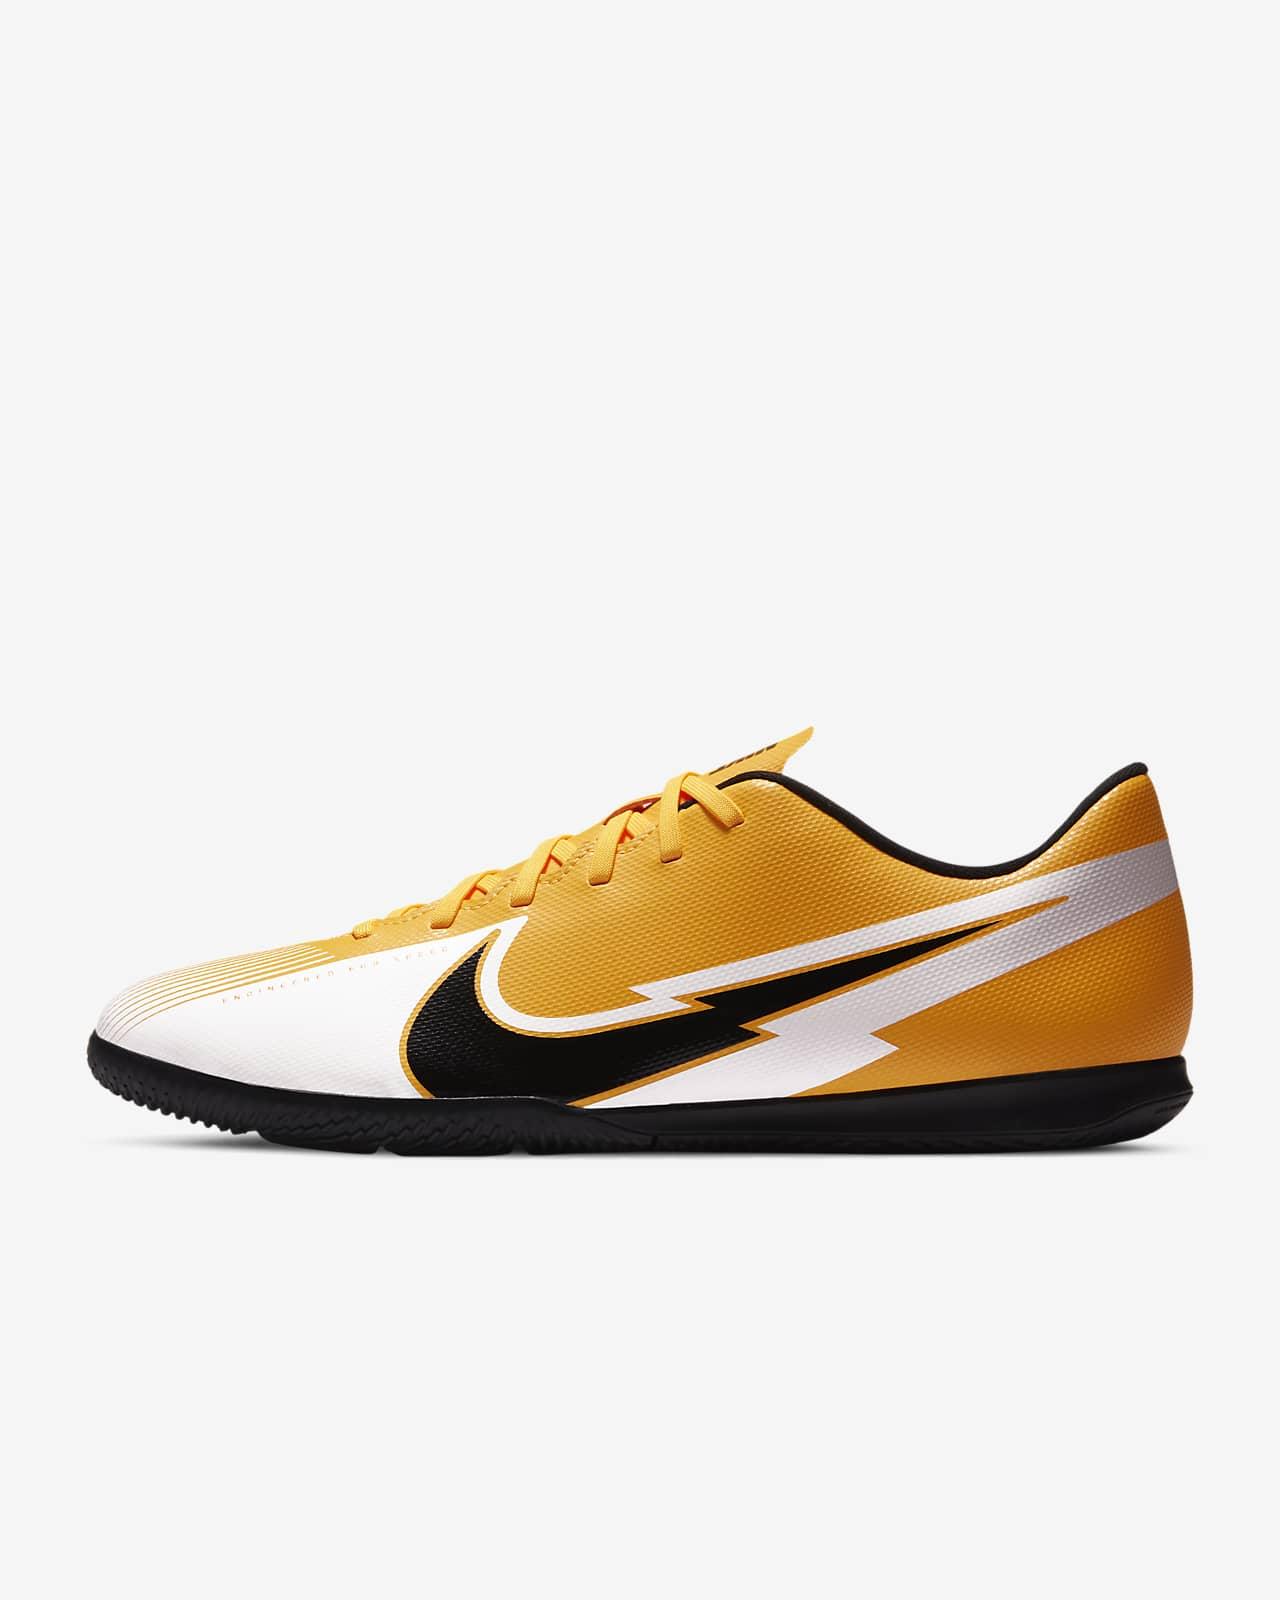 Halowe buty piłkarskie Nike Mercurial Vapor 13 Club IC